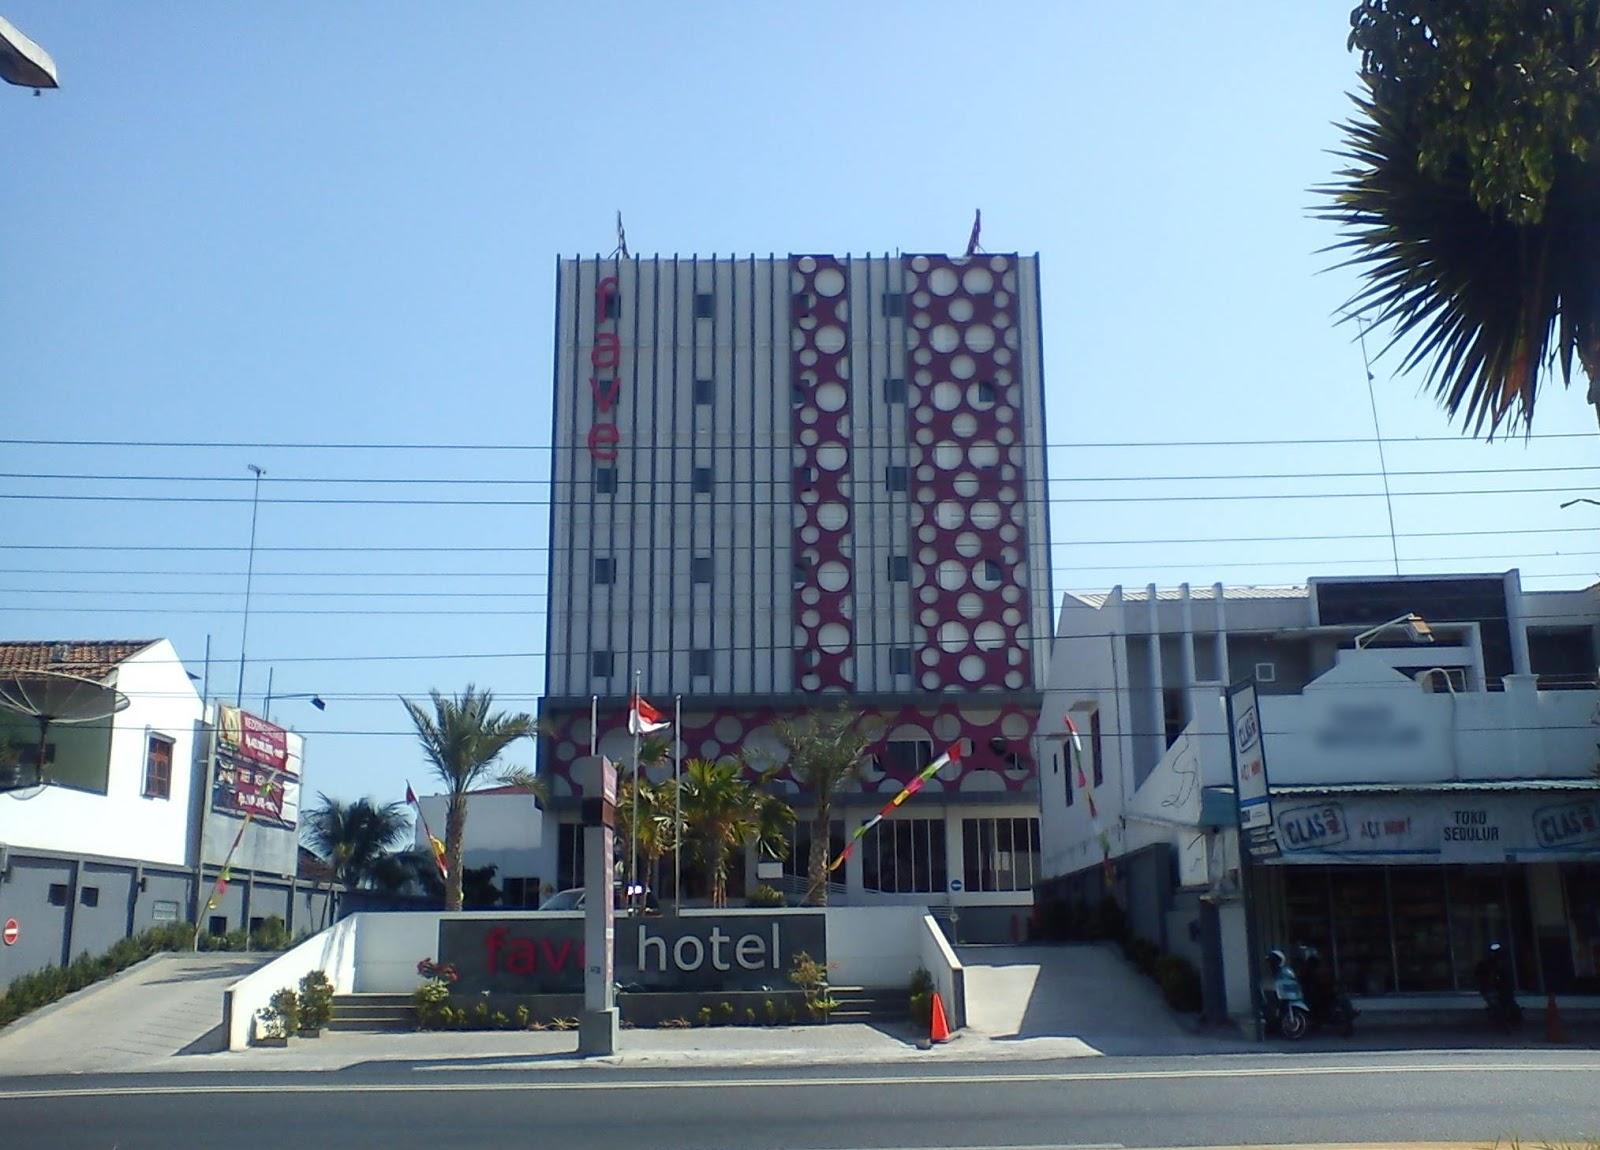 Gambar hotel fave yang ada di rembang